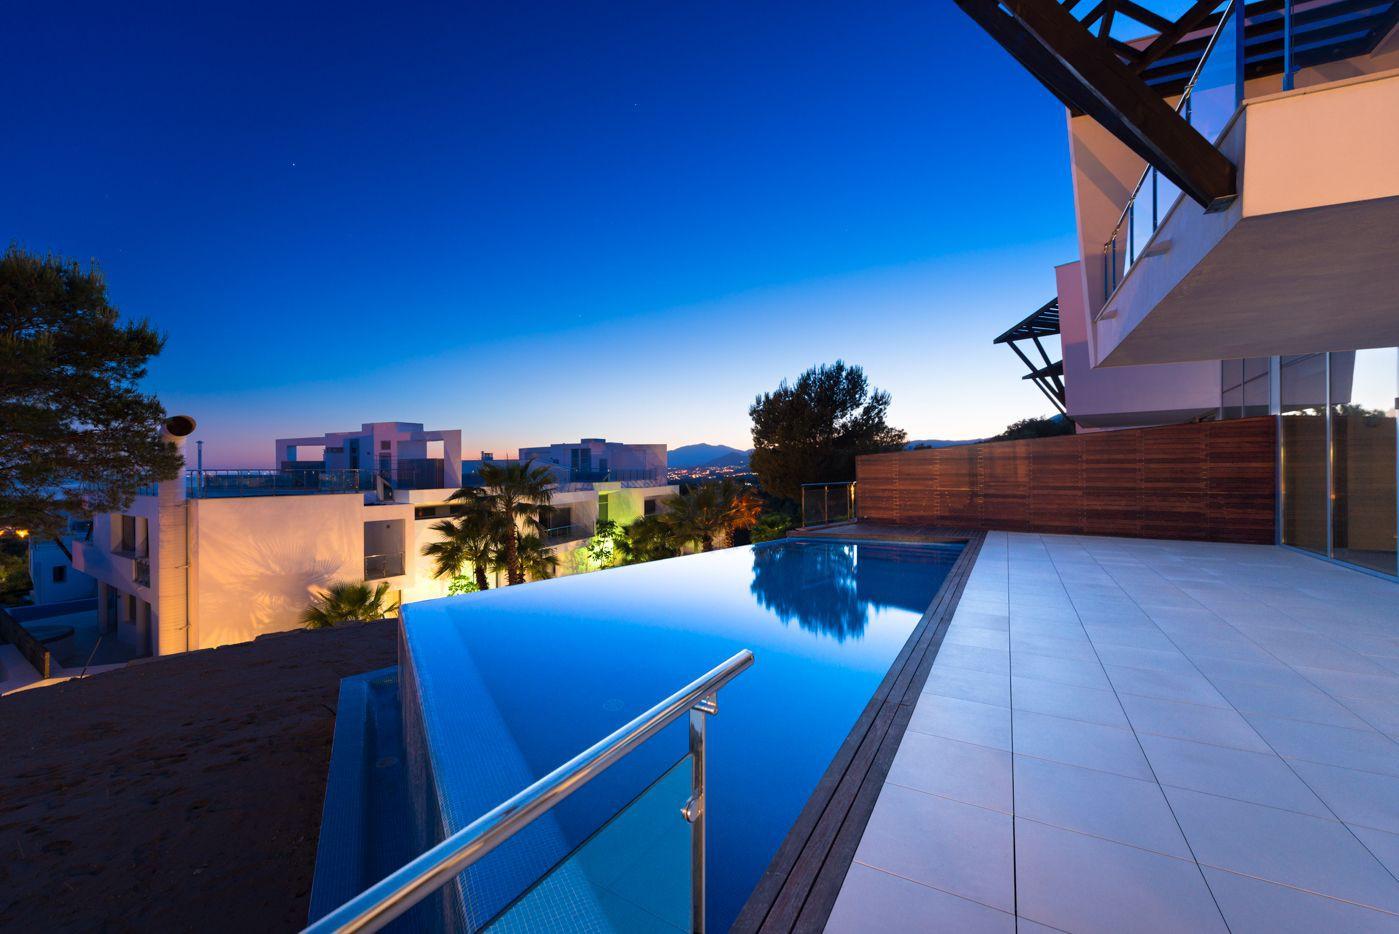 Moderne woningen op toplocatie te koop in marbella spanje specials - Zeer moderne woning ...